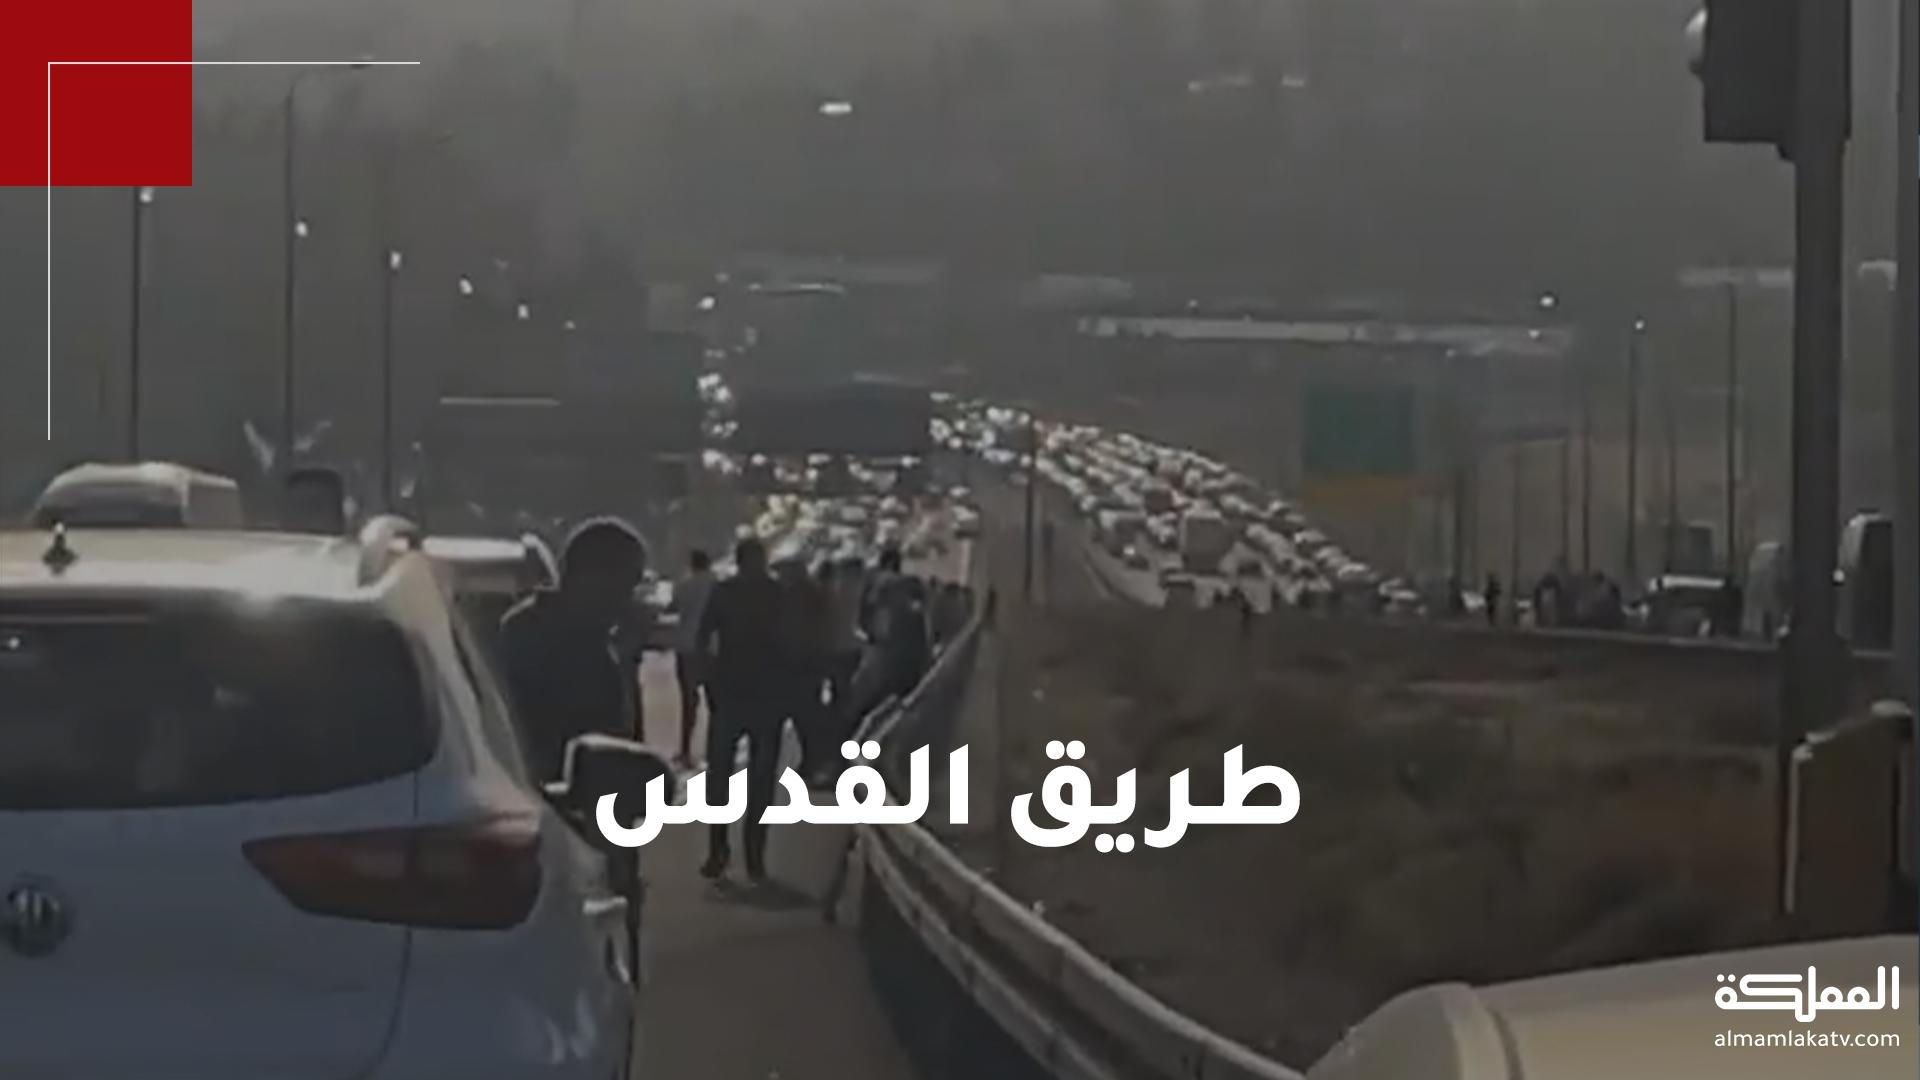 آلاف الفلسطينيين من أراضي الـ48 ومن مختلف مناطق الضفة الغربية يتوجهون للمسجد الأقصى سيرا على الأقدام